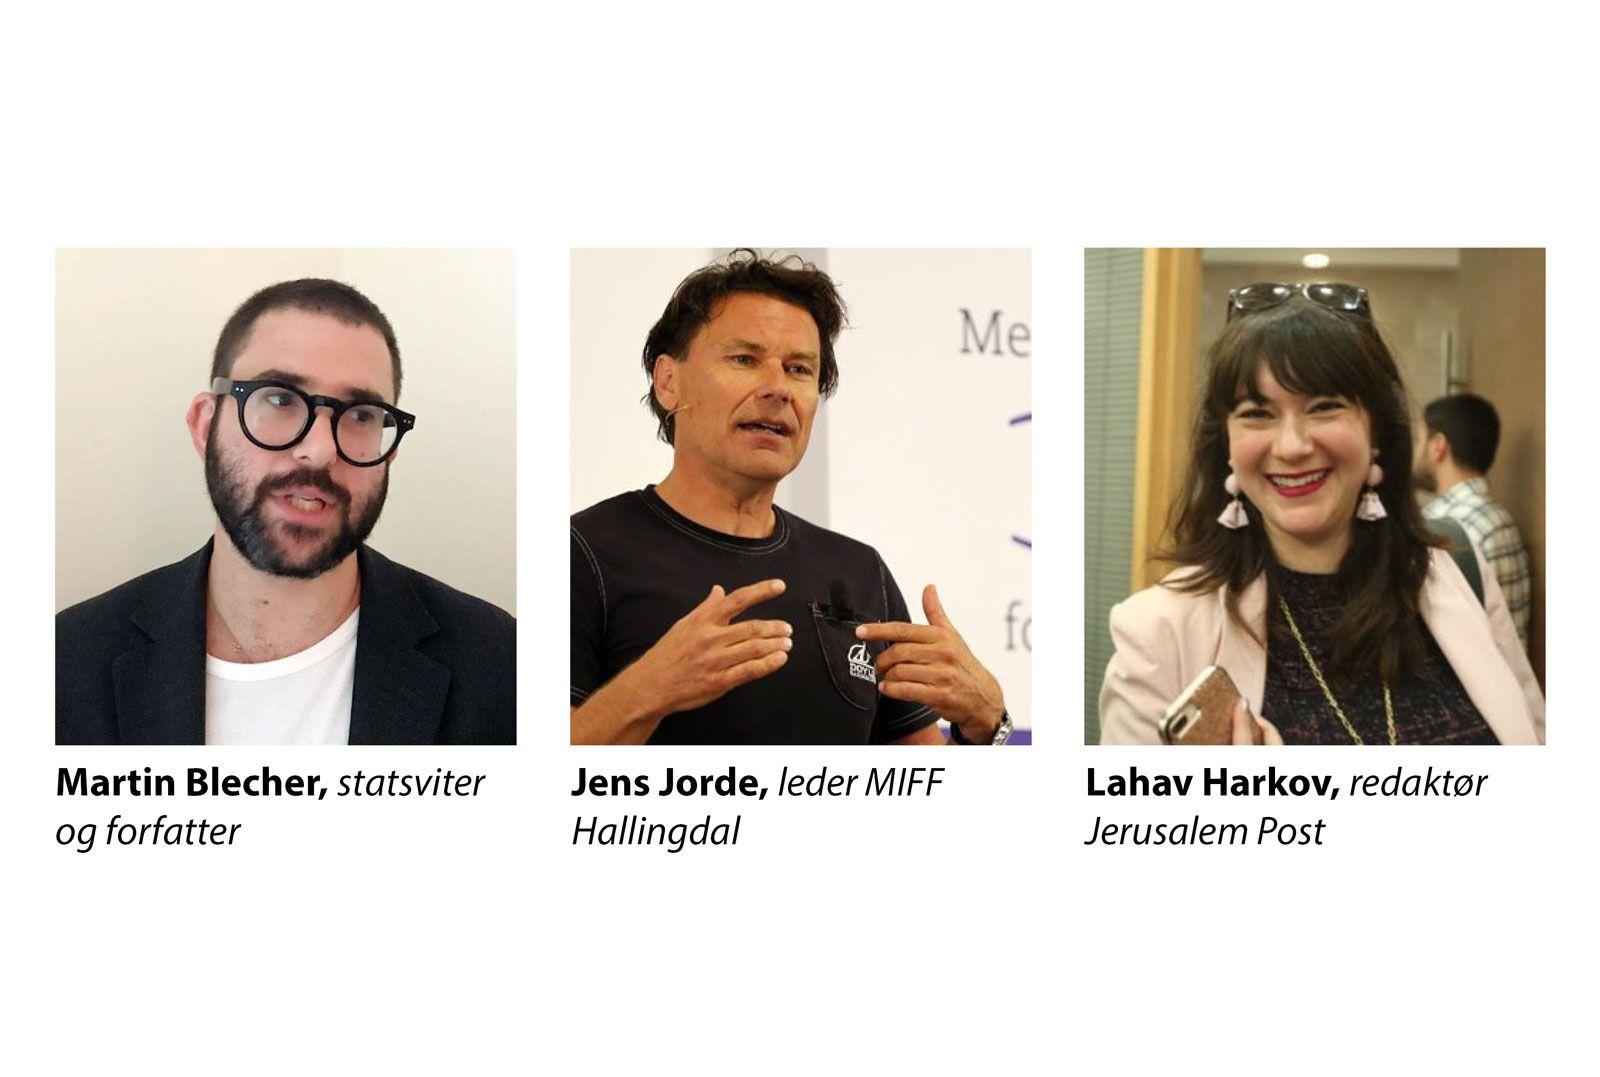 MIFF Forum i Oslo - Lahav Harkov, Martin Blecher, Jens Jorde med flere